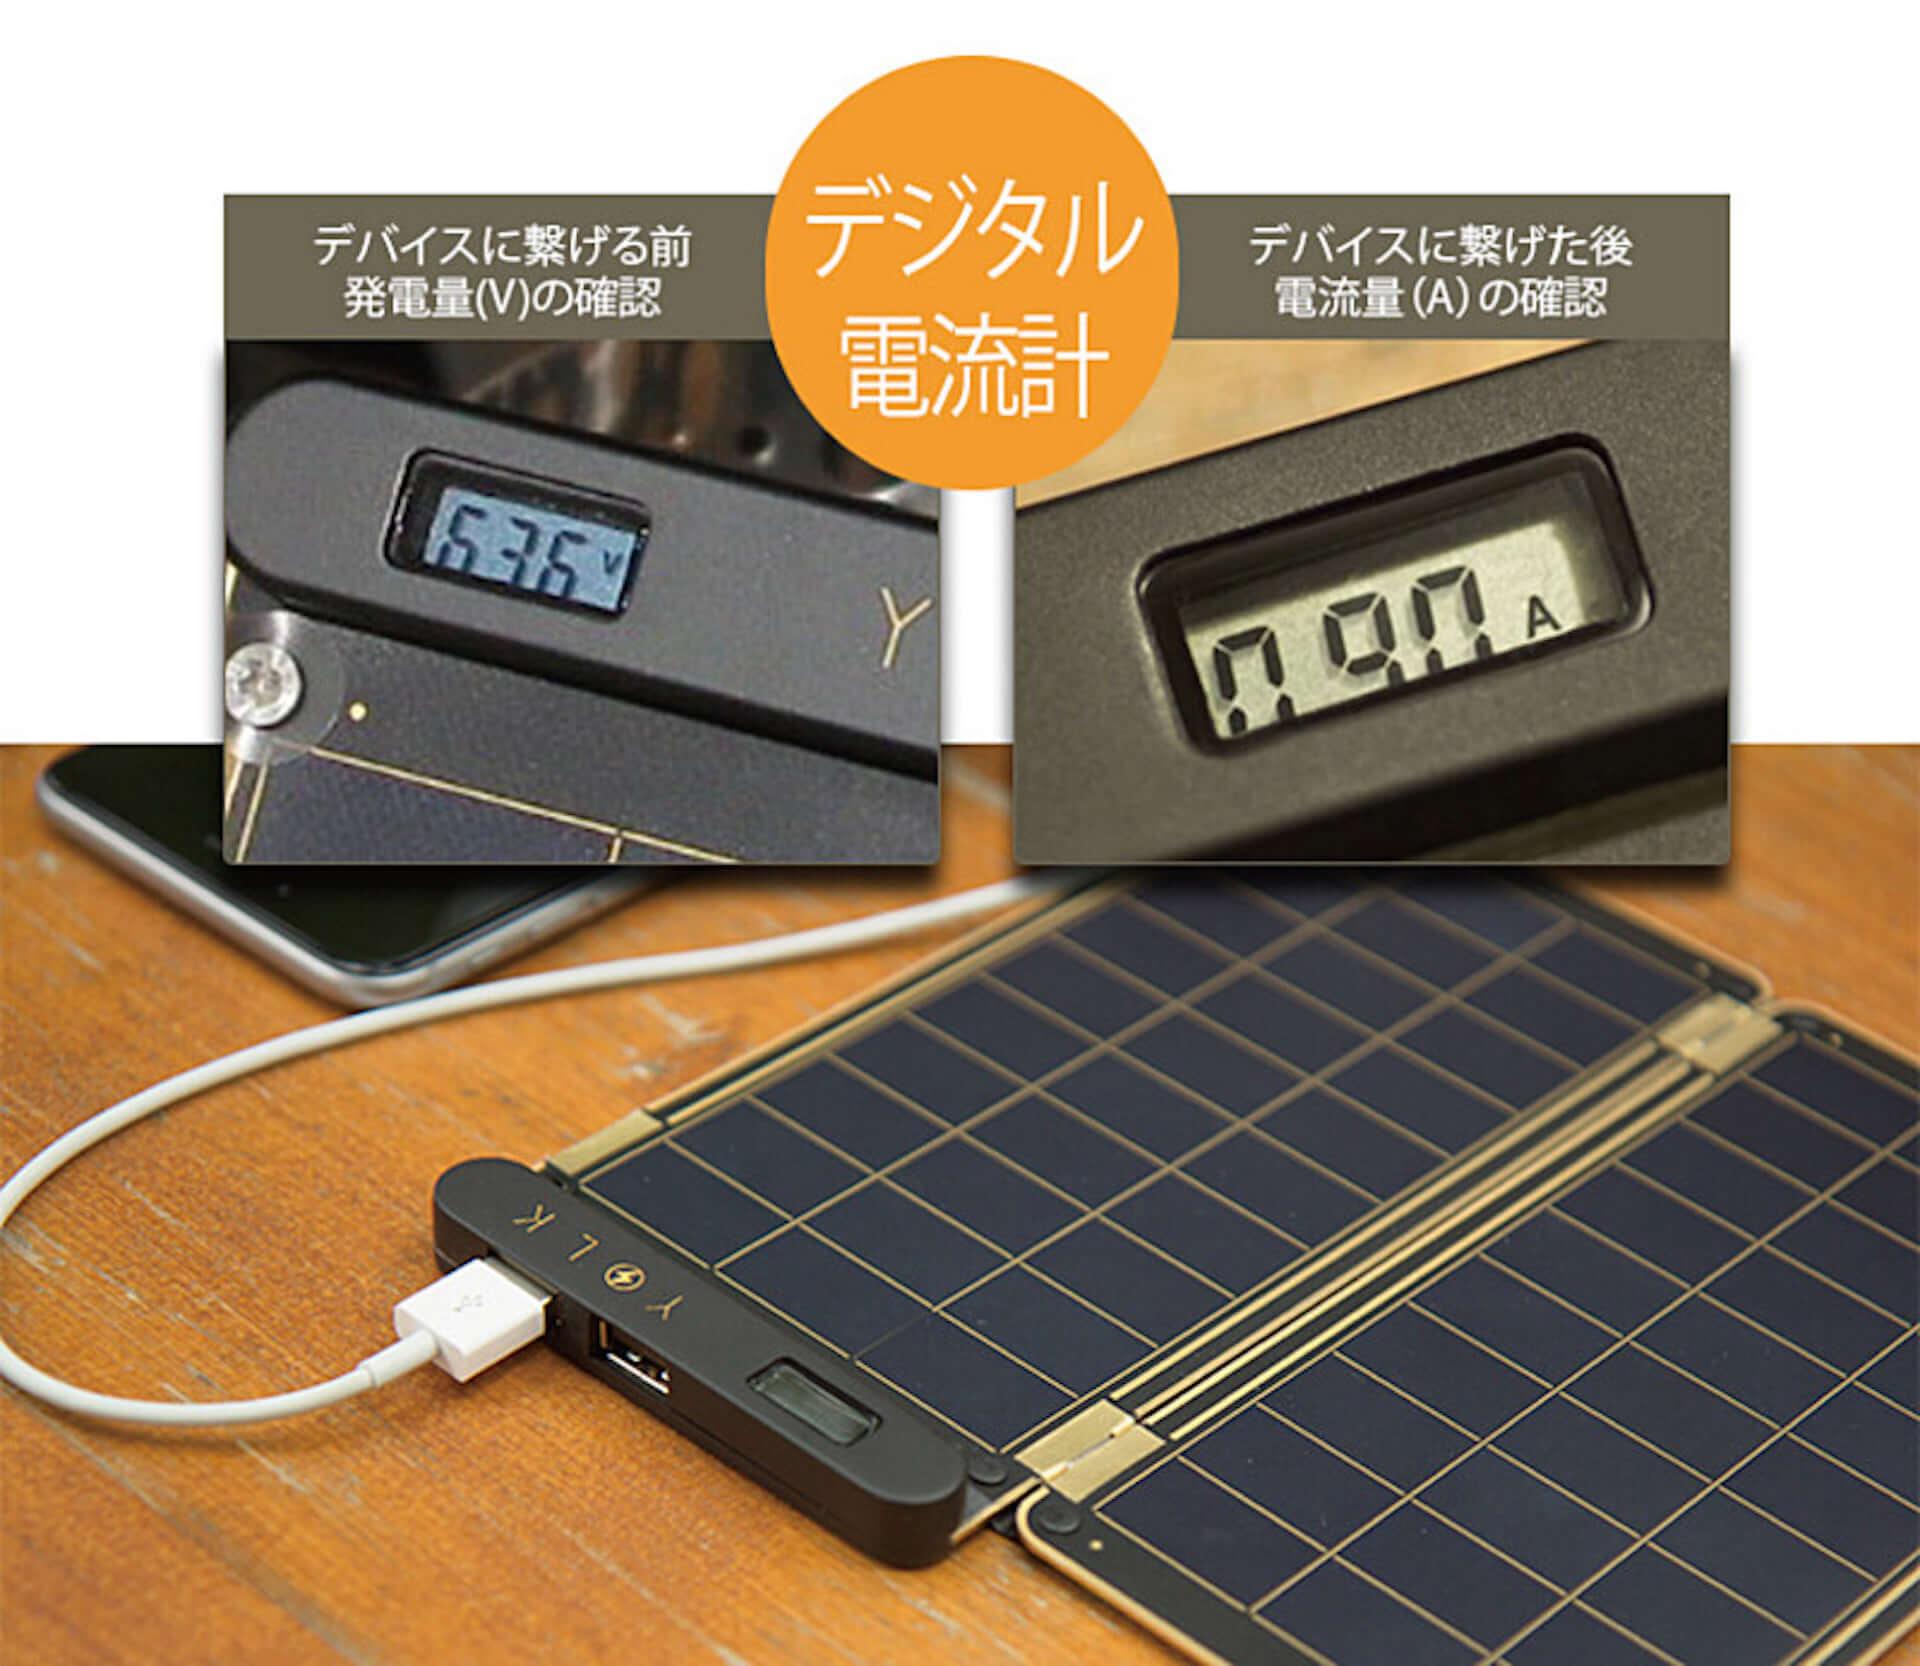 世界最薄・最軽量!家庭用コンセント同等の充電スピードを誇る、高性能ソーラーチャージャー「YOLK Solar Paper」が登場 technology190821yolk-solar-paper_9-1920x1666